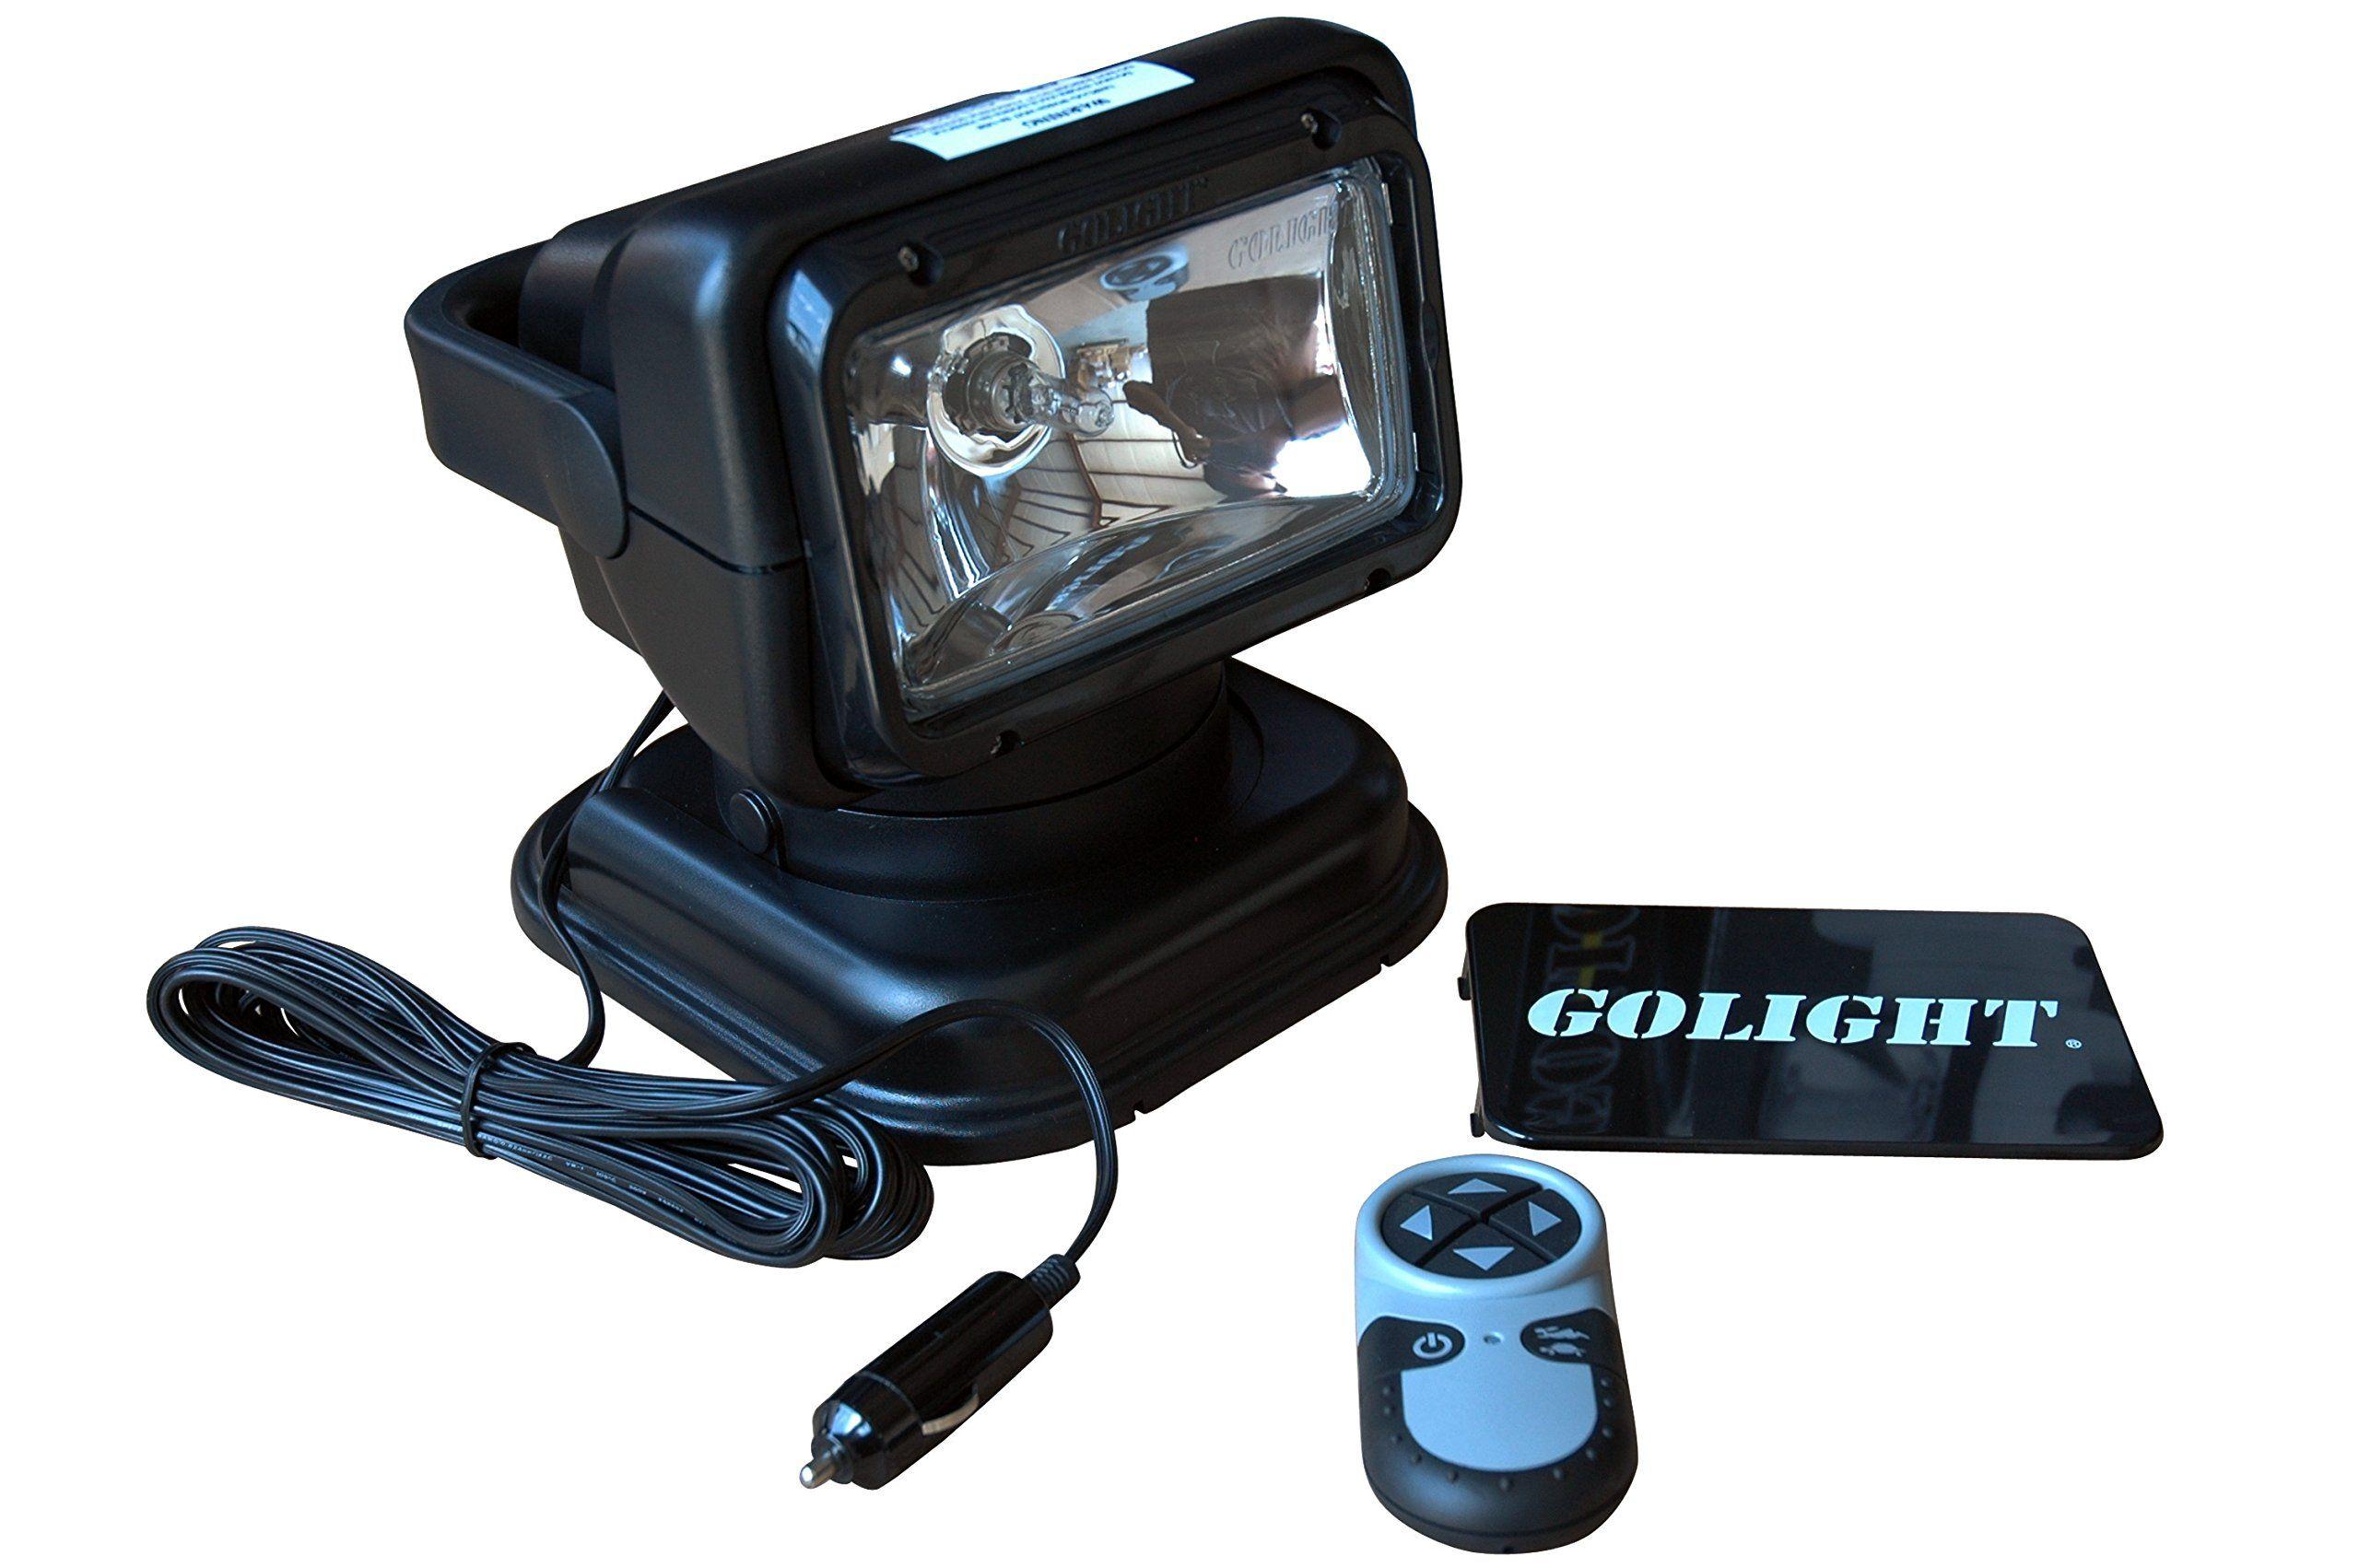 image remote hi lighting halogen control light size golightgolight permanent go res car full spotlight radioray golight diagram wiring gl